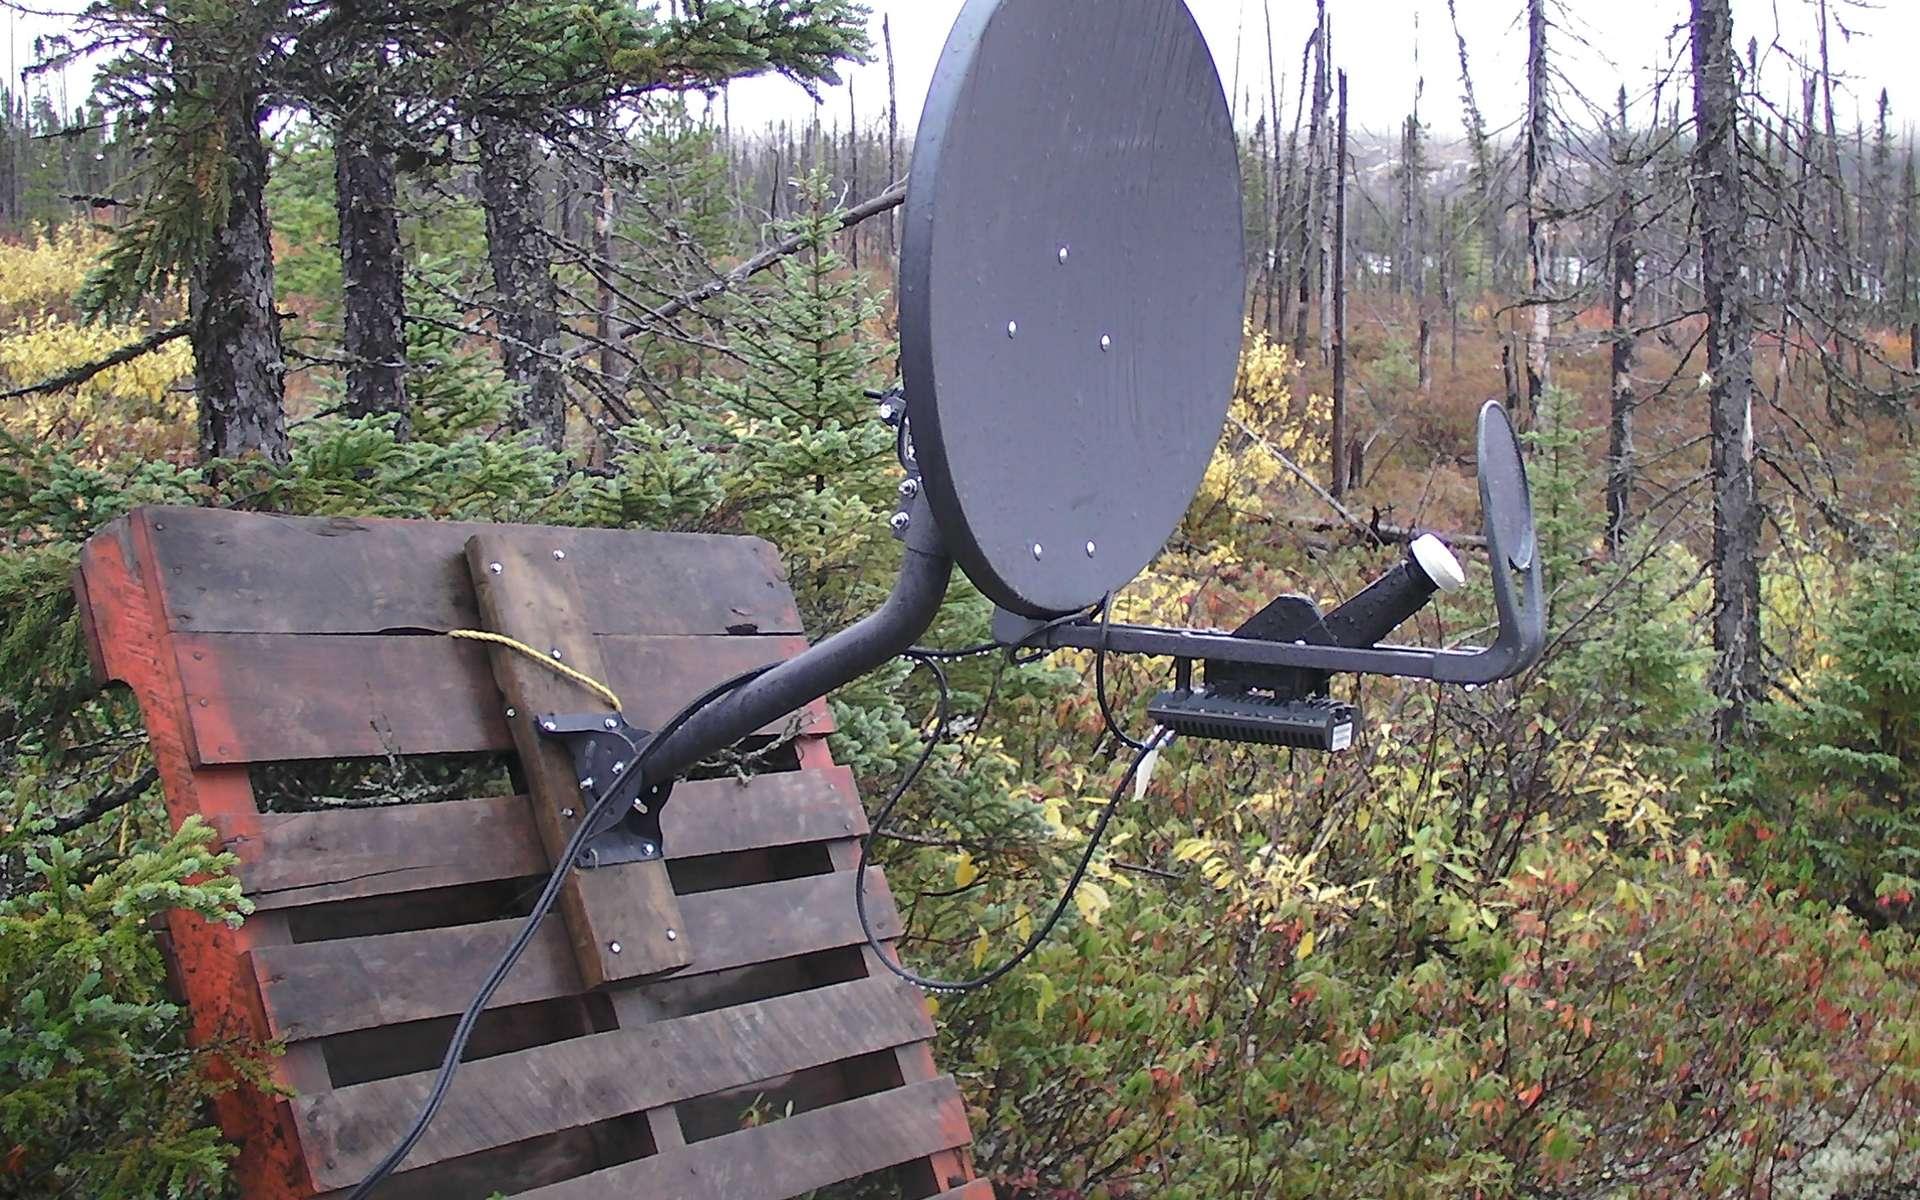 L'installation d'une parabole permet de recevoir la télévision partout. © Peupleloup, Flickr, CC BY-SA 2.0